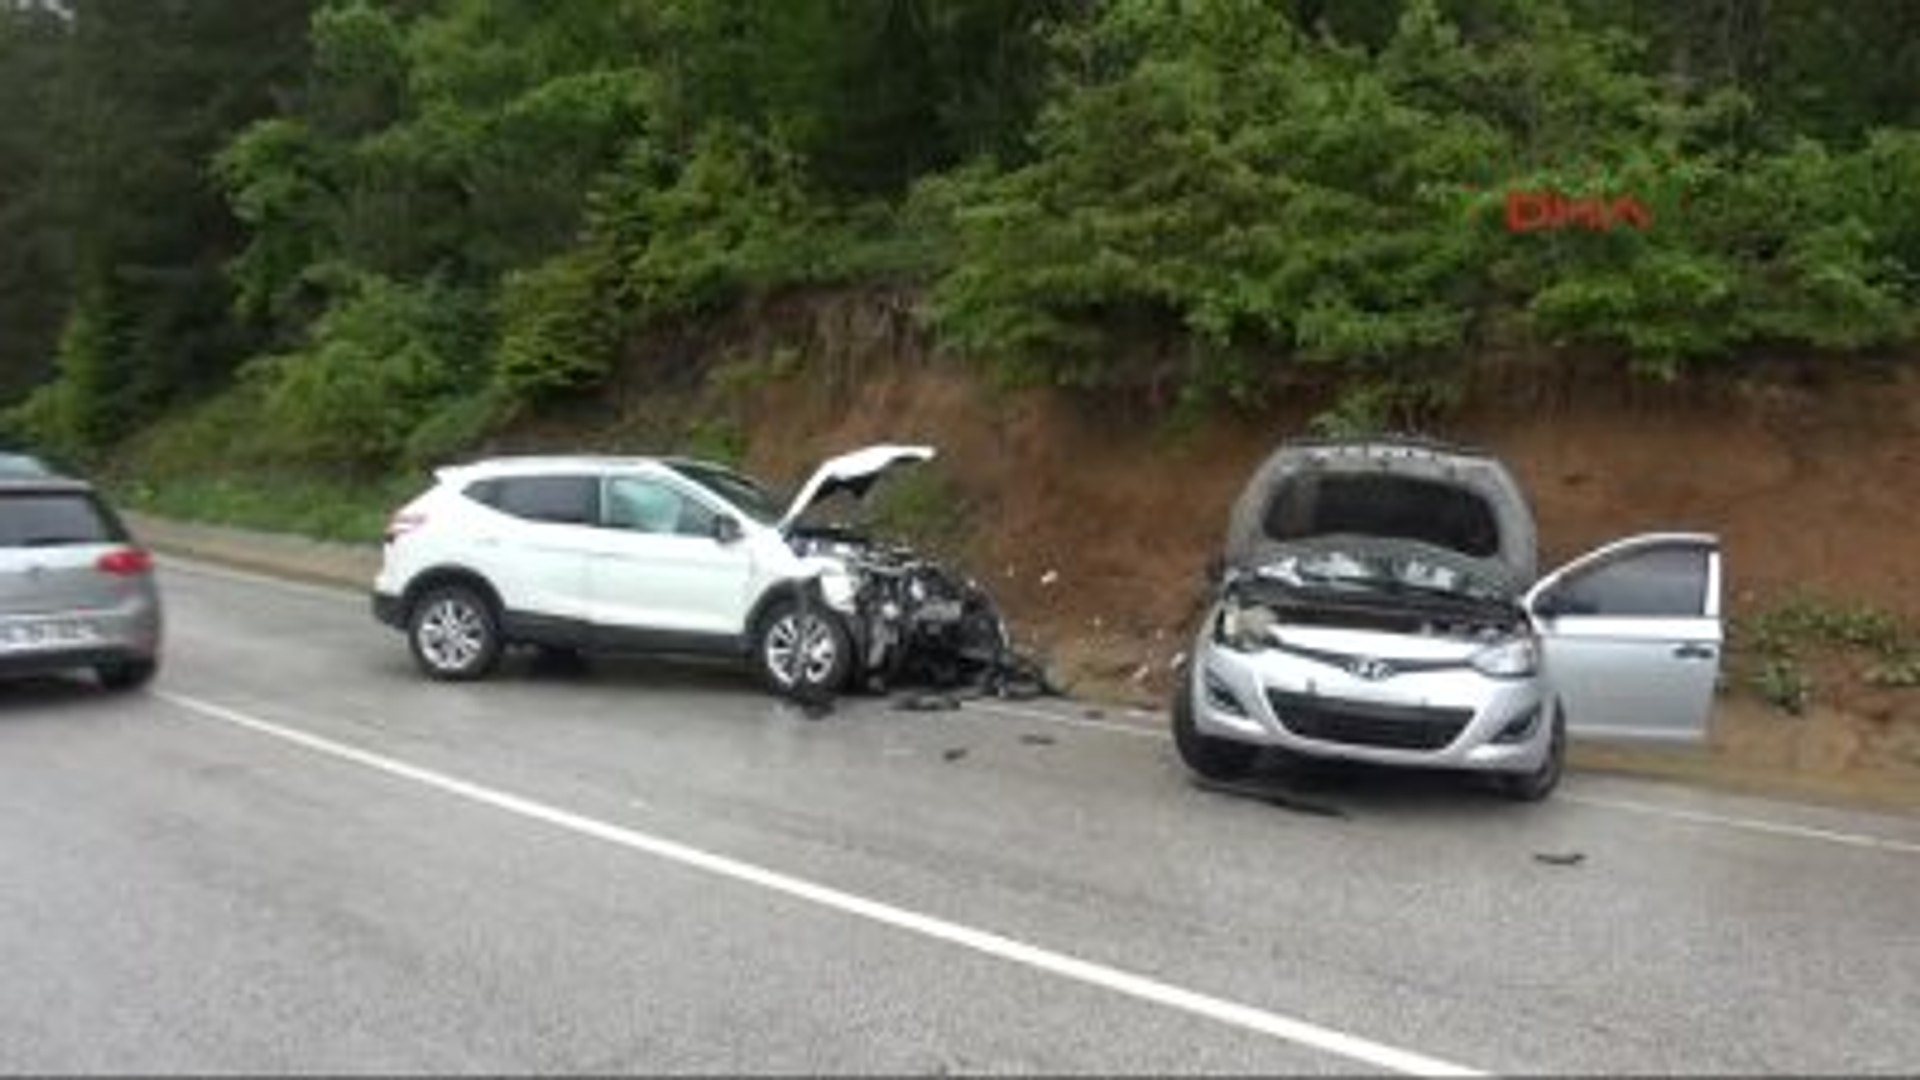 Bolu Cip ile Otomobil Çarpıştı 4 Yaralıcip ile Otomobil Çarpıştı: 4 Yaralı